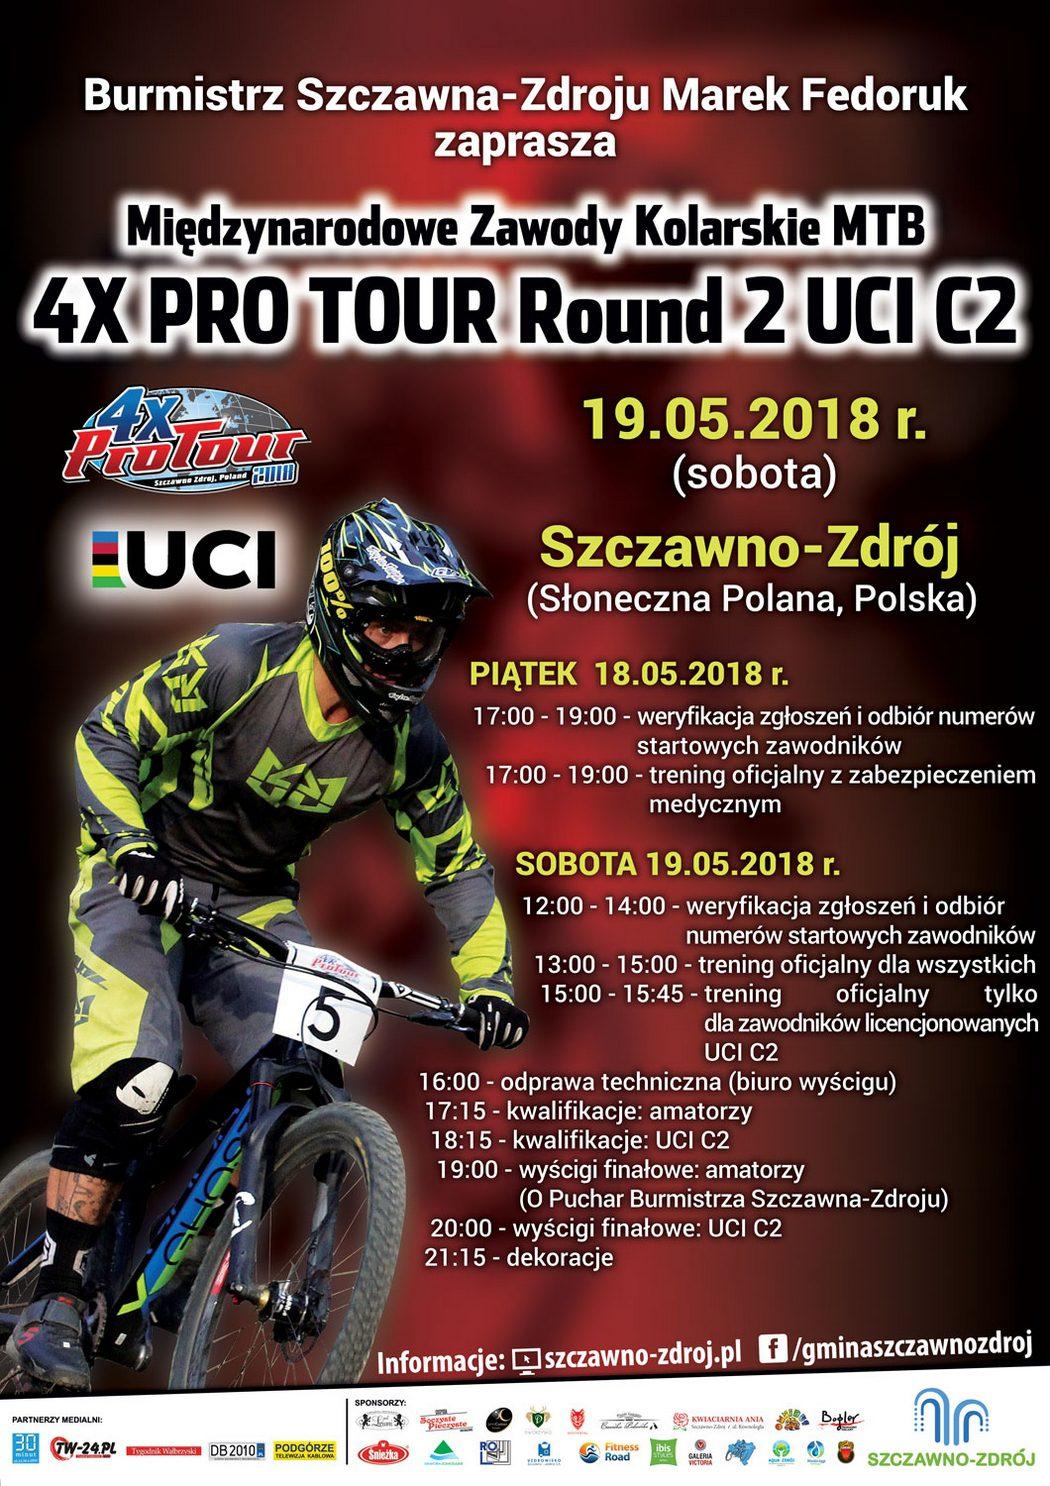 Zapowiedź drugiej rundy 4X Pro Tour w Szczawnie-Zdroju